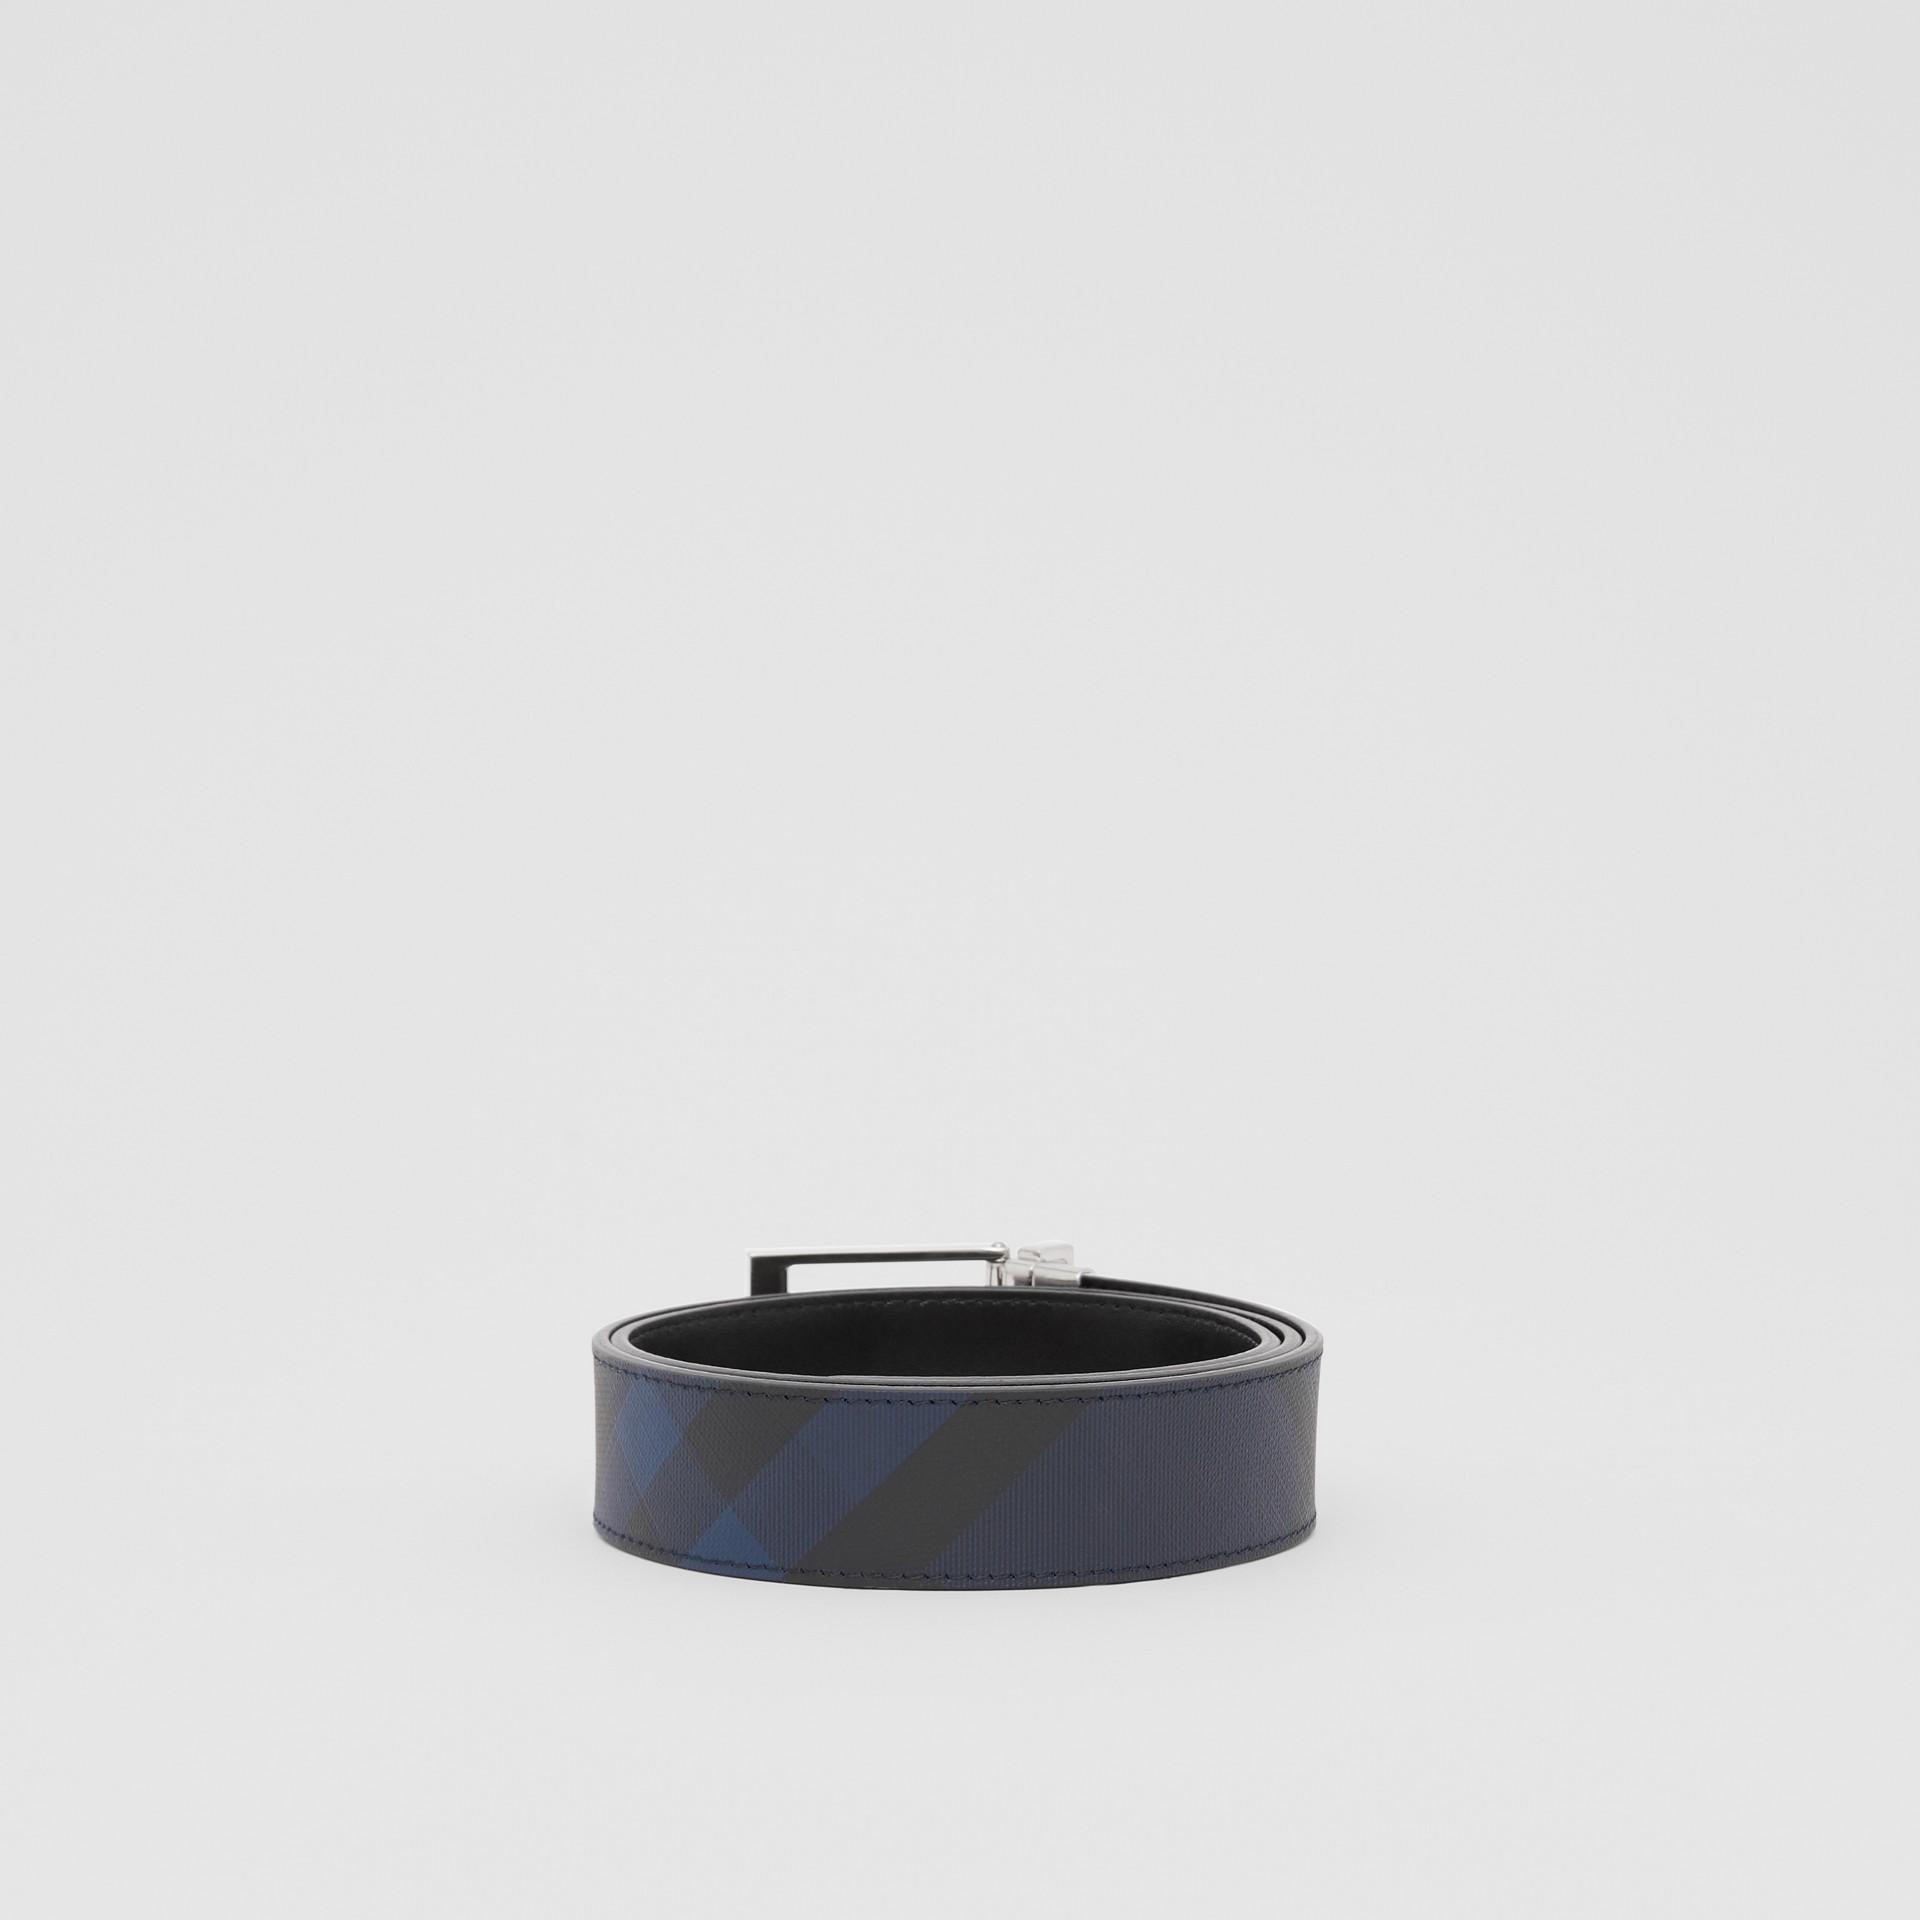 リバーシブル ロンドンチェック&レザー ベルト (ネイビー/ブラック) - メンズ | バーバリー - ギャラリーイメージ 4